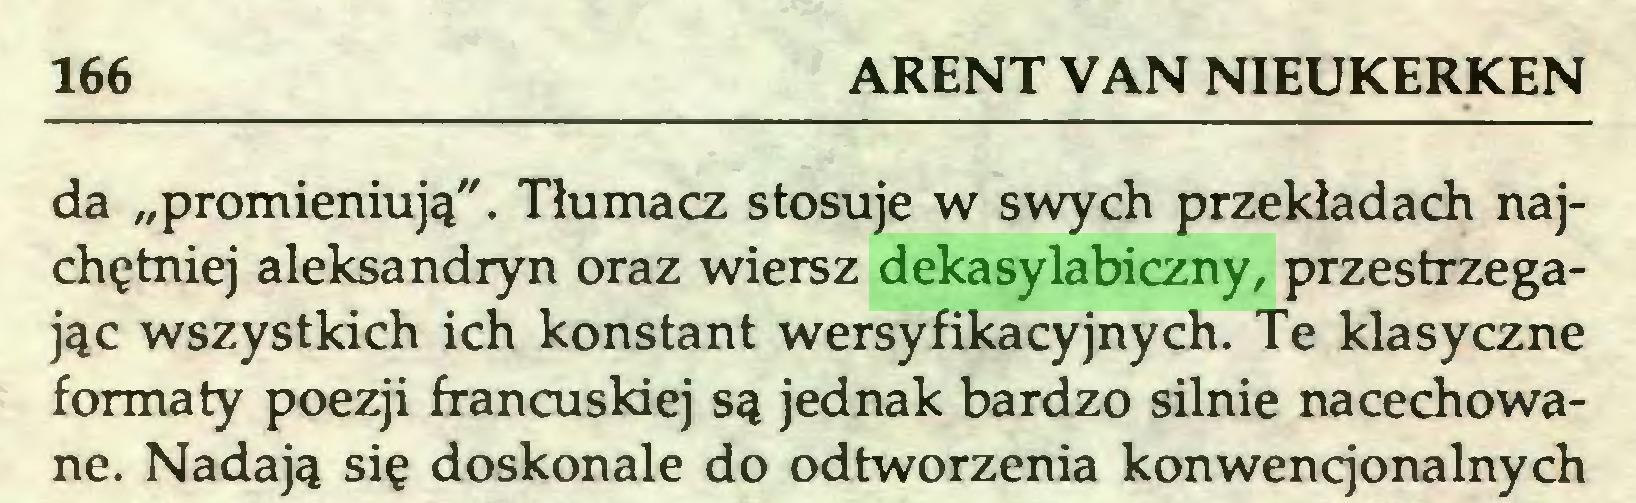 """(...) 166 ARENT VAN NIEUKERKEN da """"promieniują"""". Tłumacz stosuje w swych przekładach najchętniej aleksandryn oraz wiersz dekasylabiczny, przestrzegając wszystkich ich konstant wersyfikacyjnych. Te klasyczne formaty poezji francuskiej są jednak bardzo silnie nacechowane. Nadają się doskonale do odtworzenia konwencjonalnych..."""